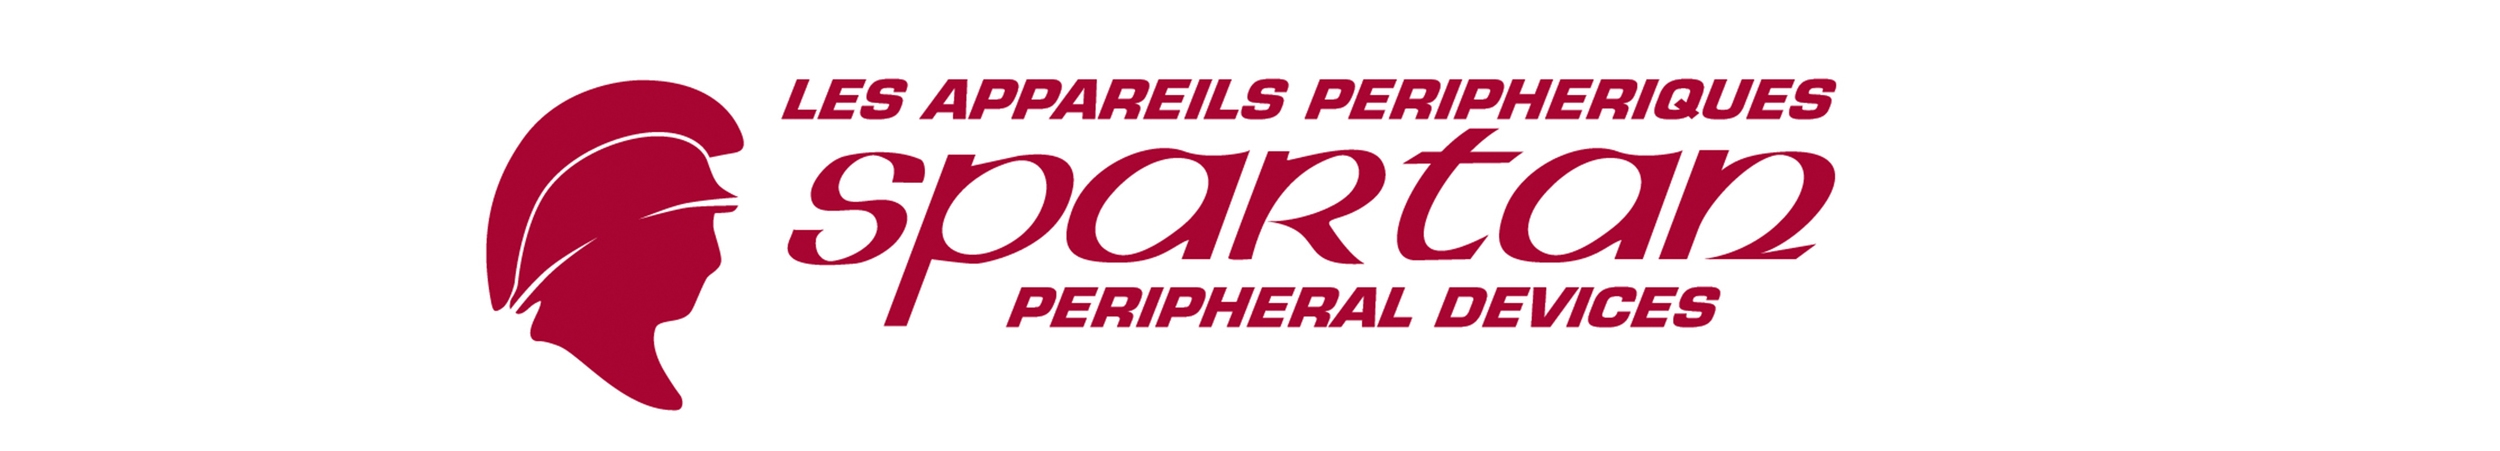 spartan_peripheral.jpg